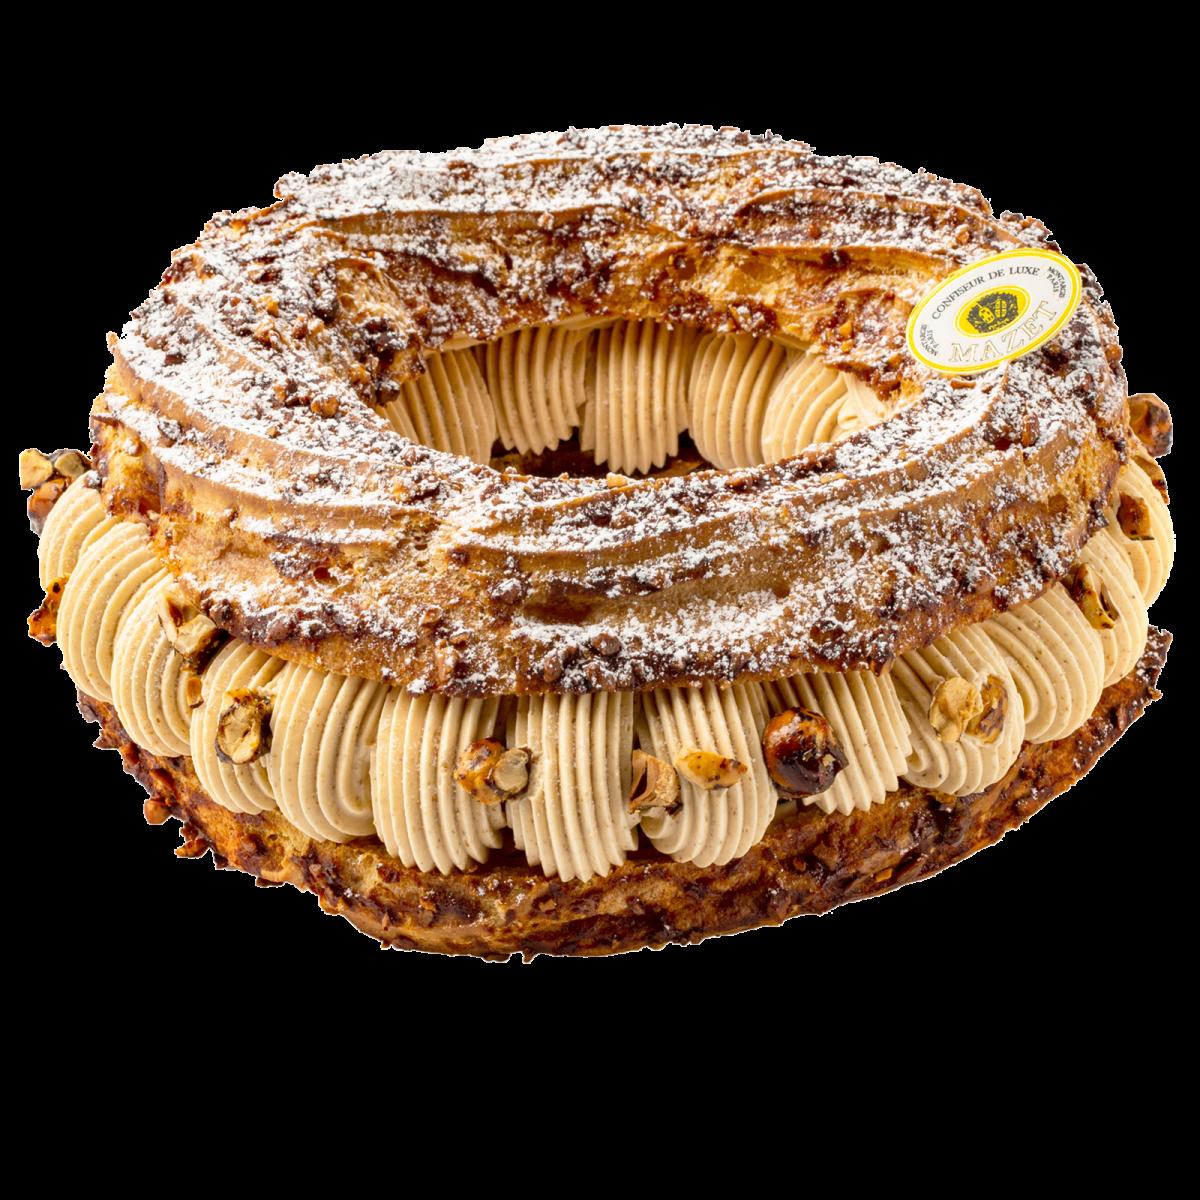 Pâtisseries - Paris-Brest 6 personnes